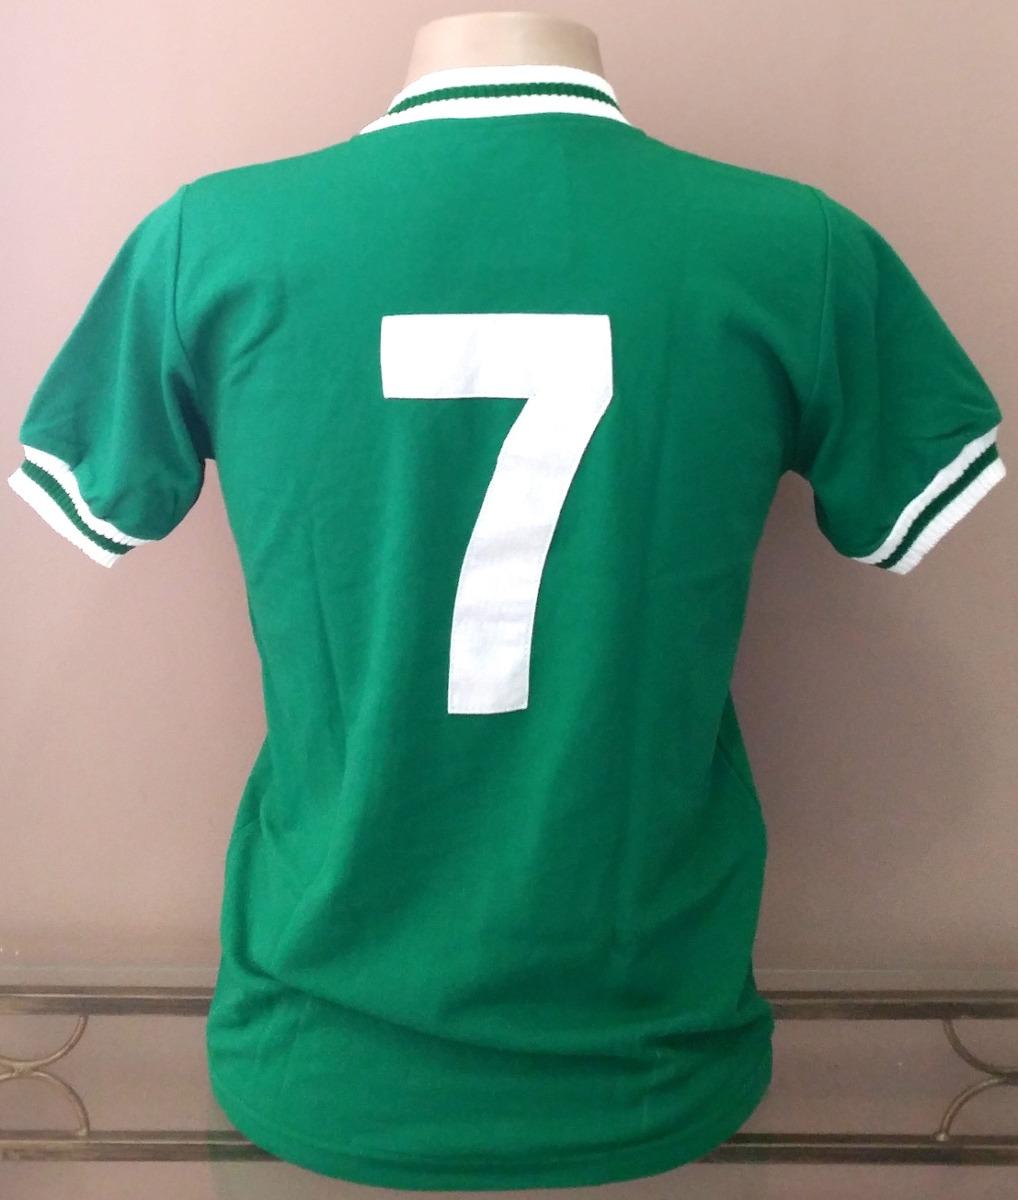 Camisa Retrô Palmeiras 1973-1976 - Manto Sagrado Retrô - R  88 48c62d58bdbd5